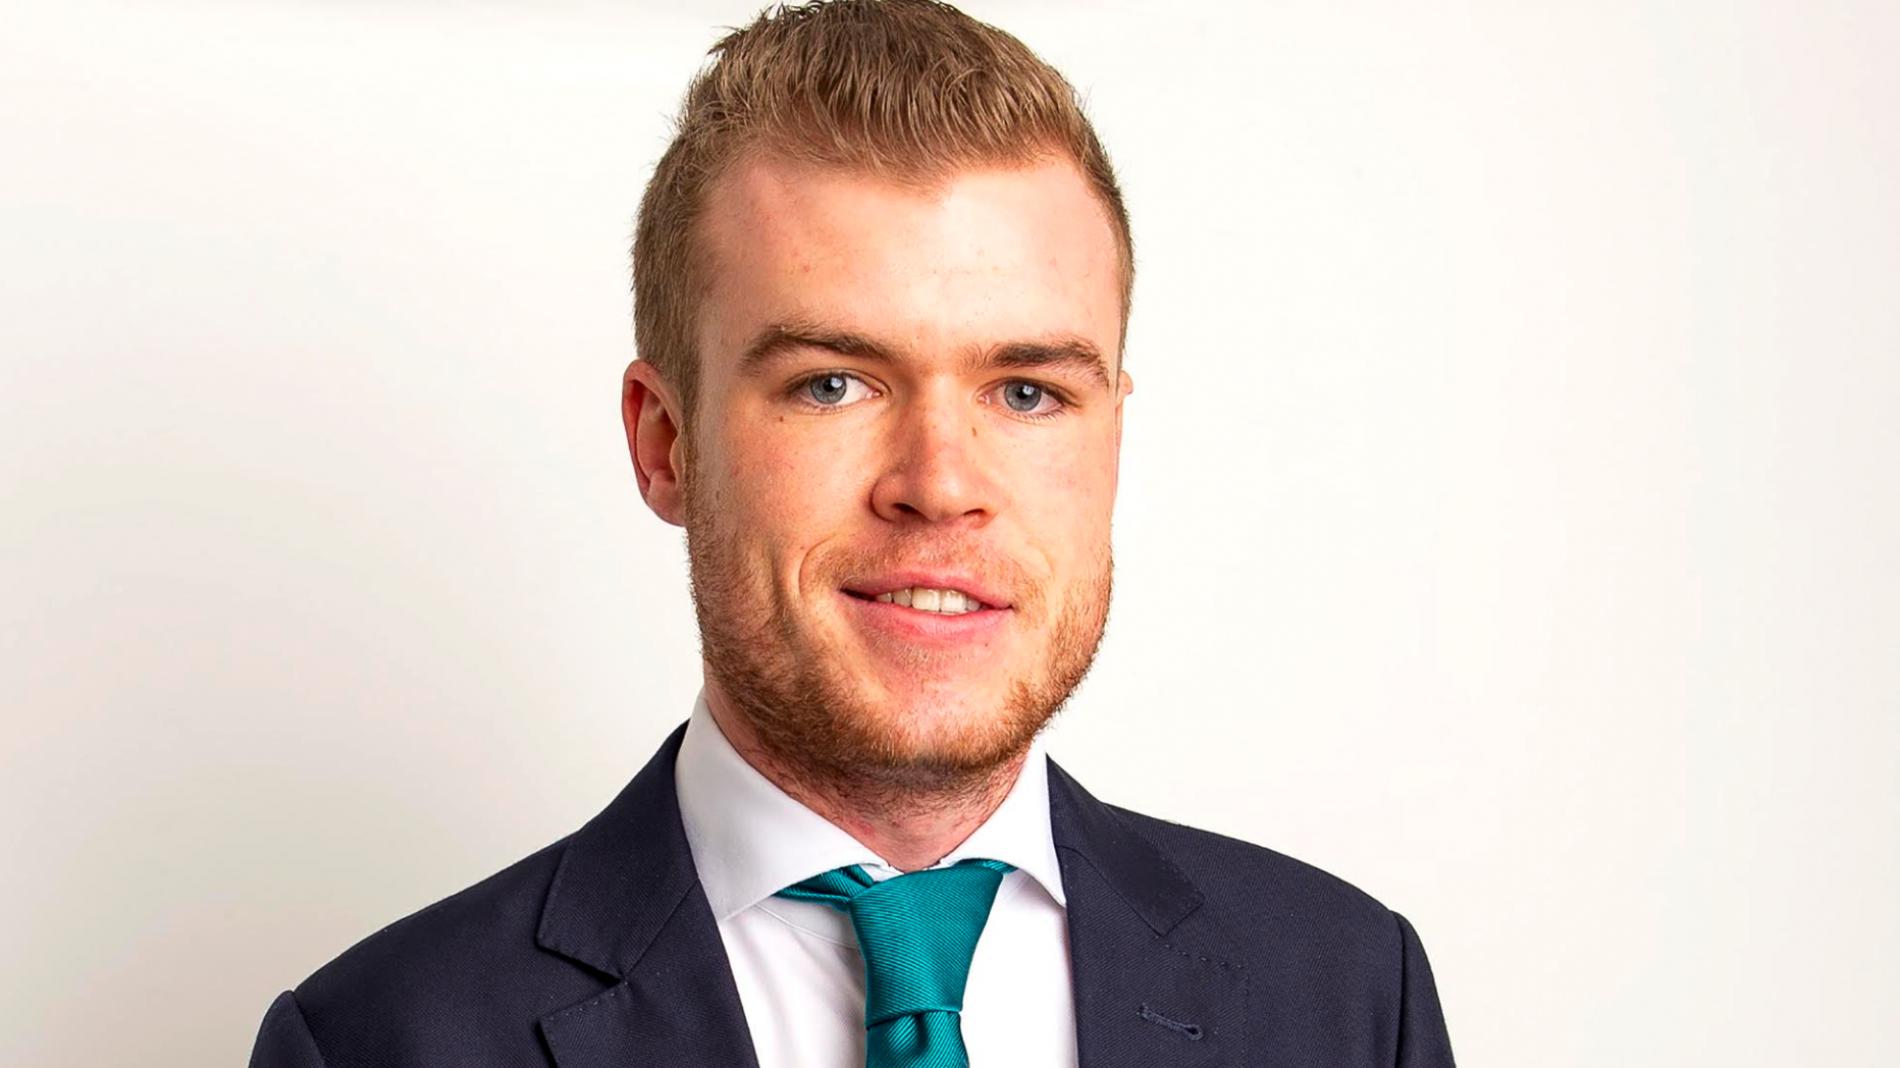 Sinn Fein general election candidate Louis O'Hara